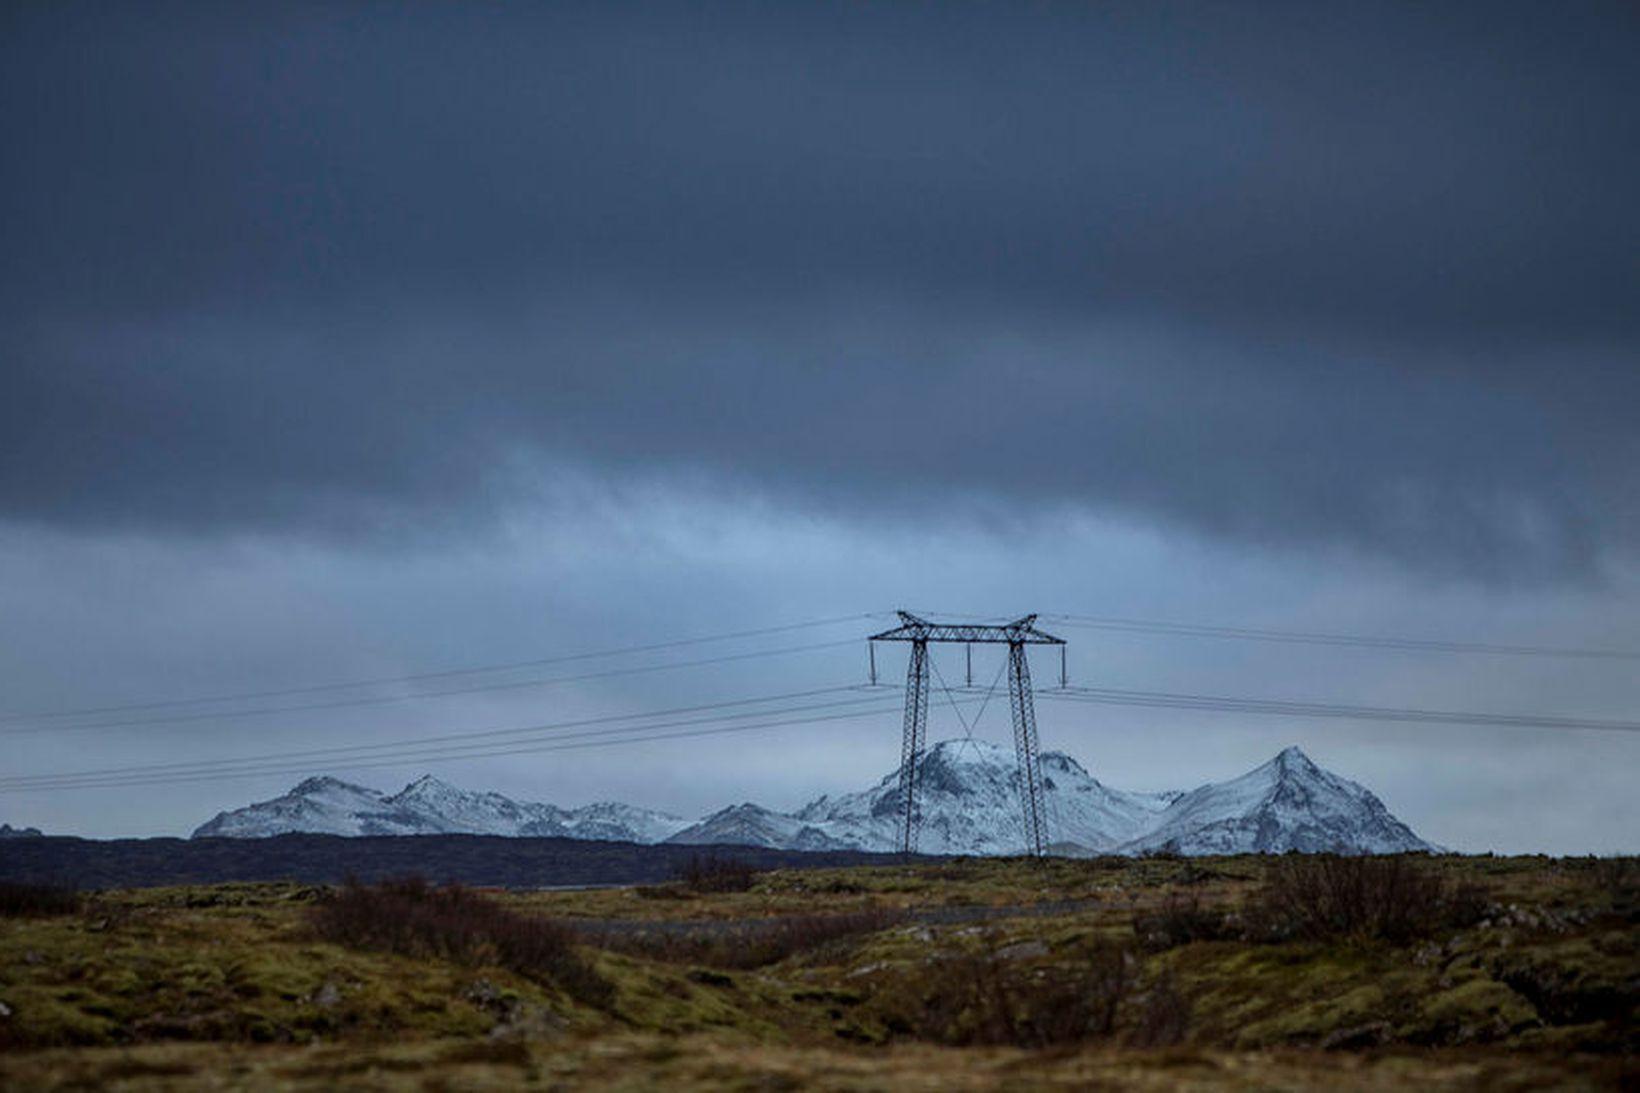 Landsnet hafnar því að arðsemi fyrirtækisins sé yfir löglegum mörkum.